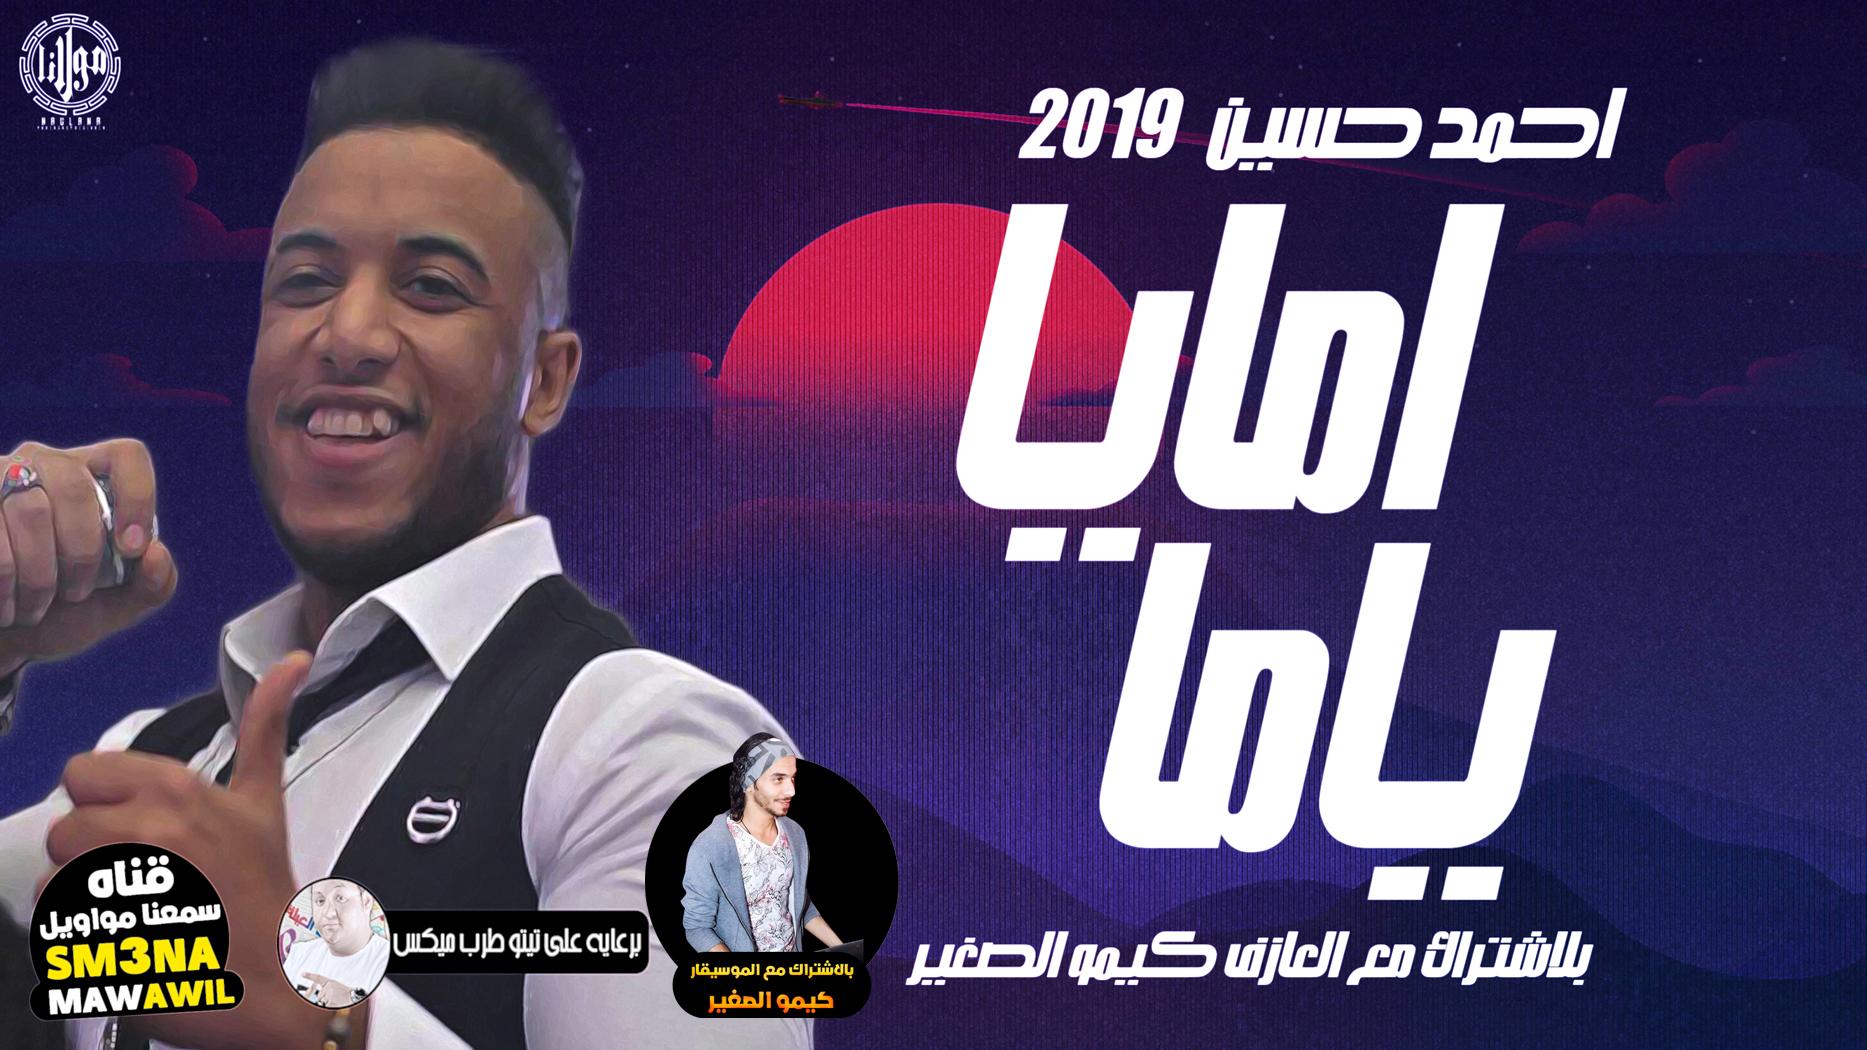 احمد حسين 2019 - امايا ياما MP3